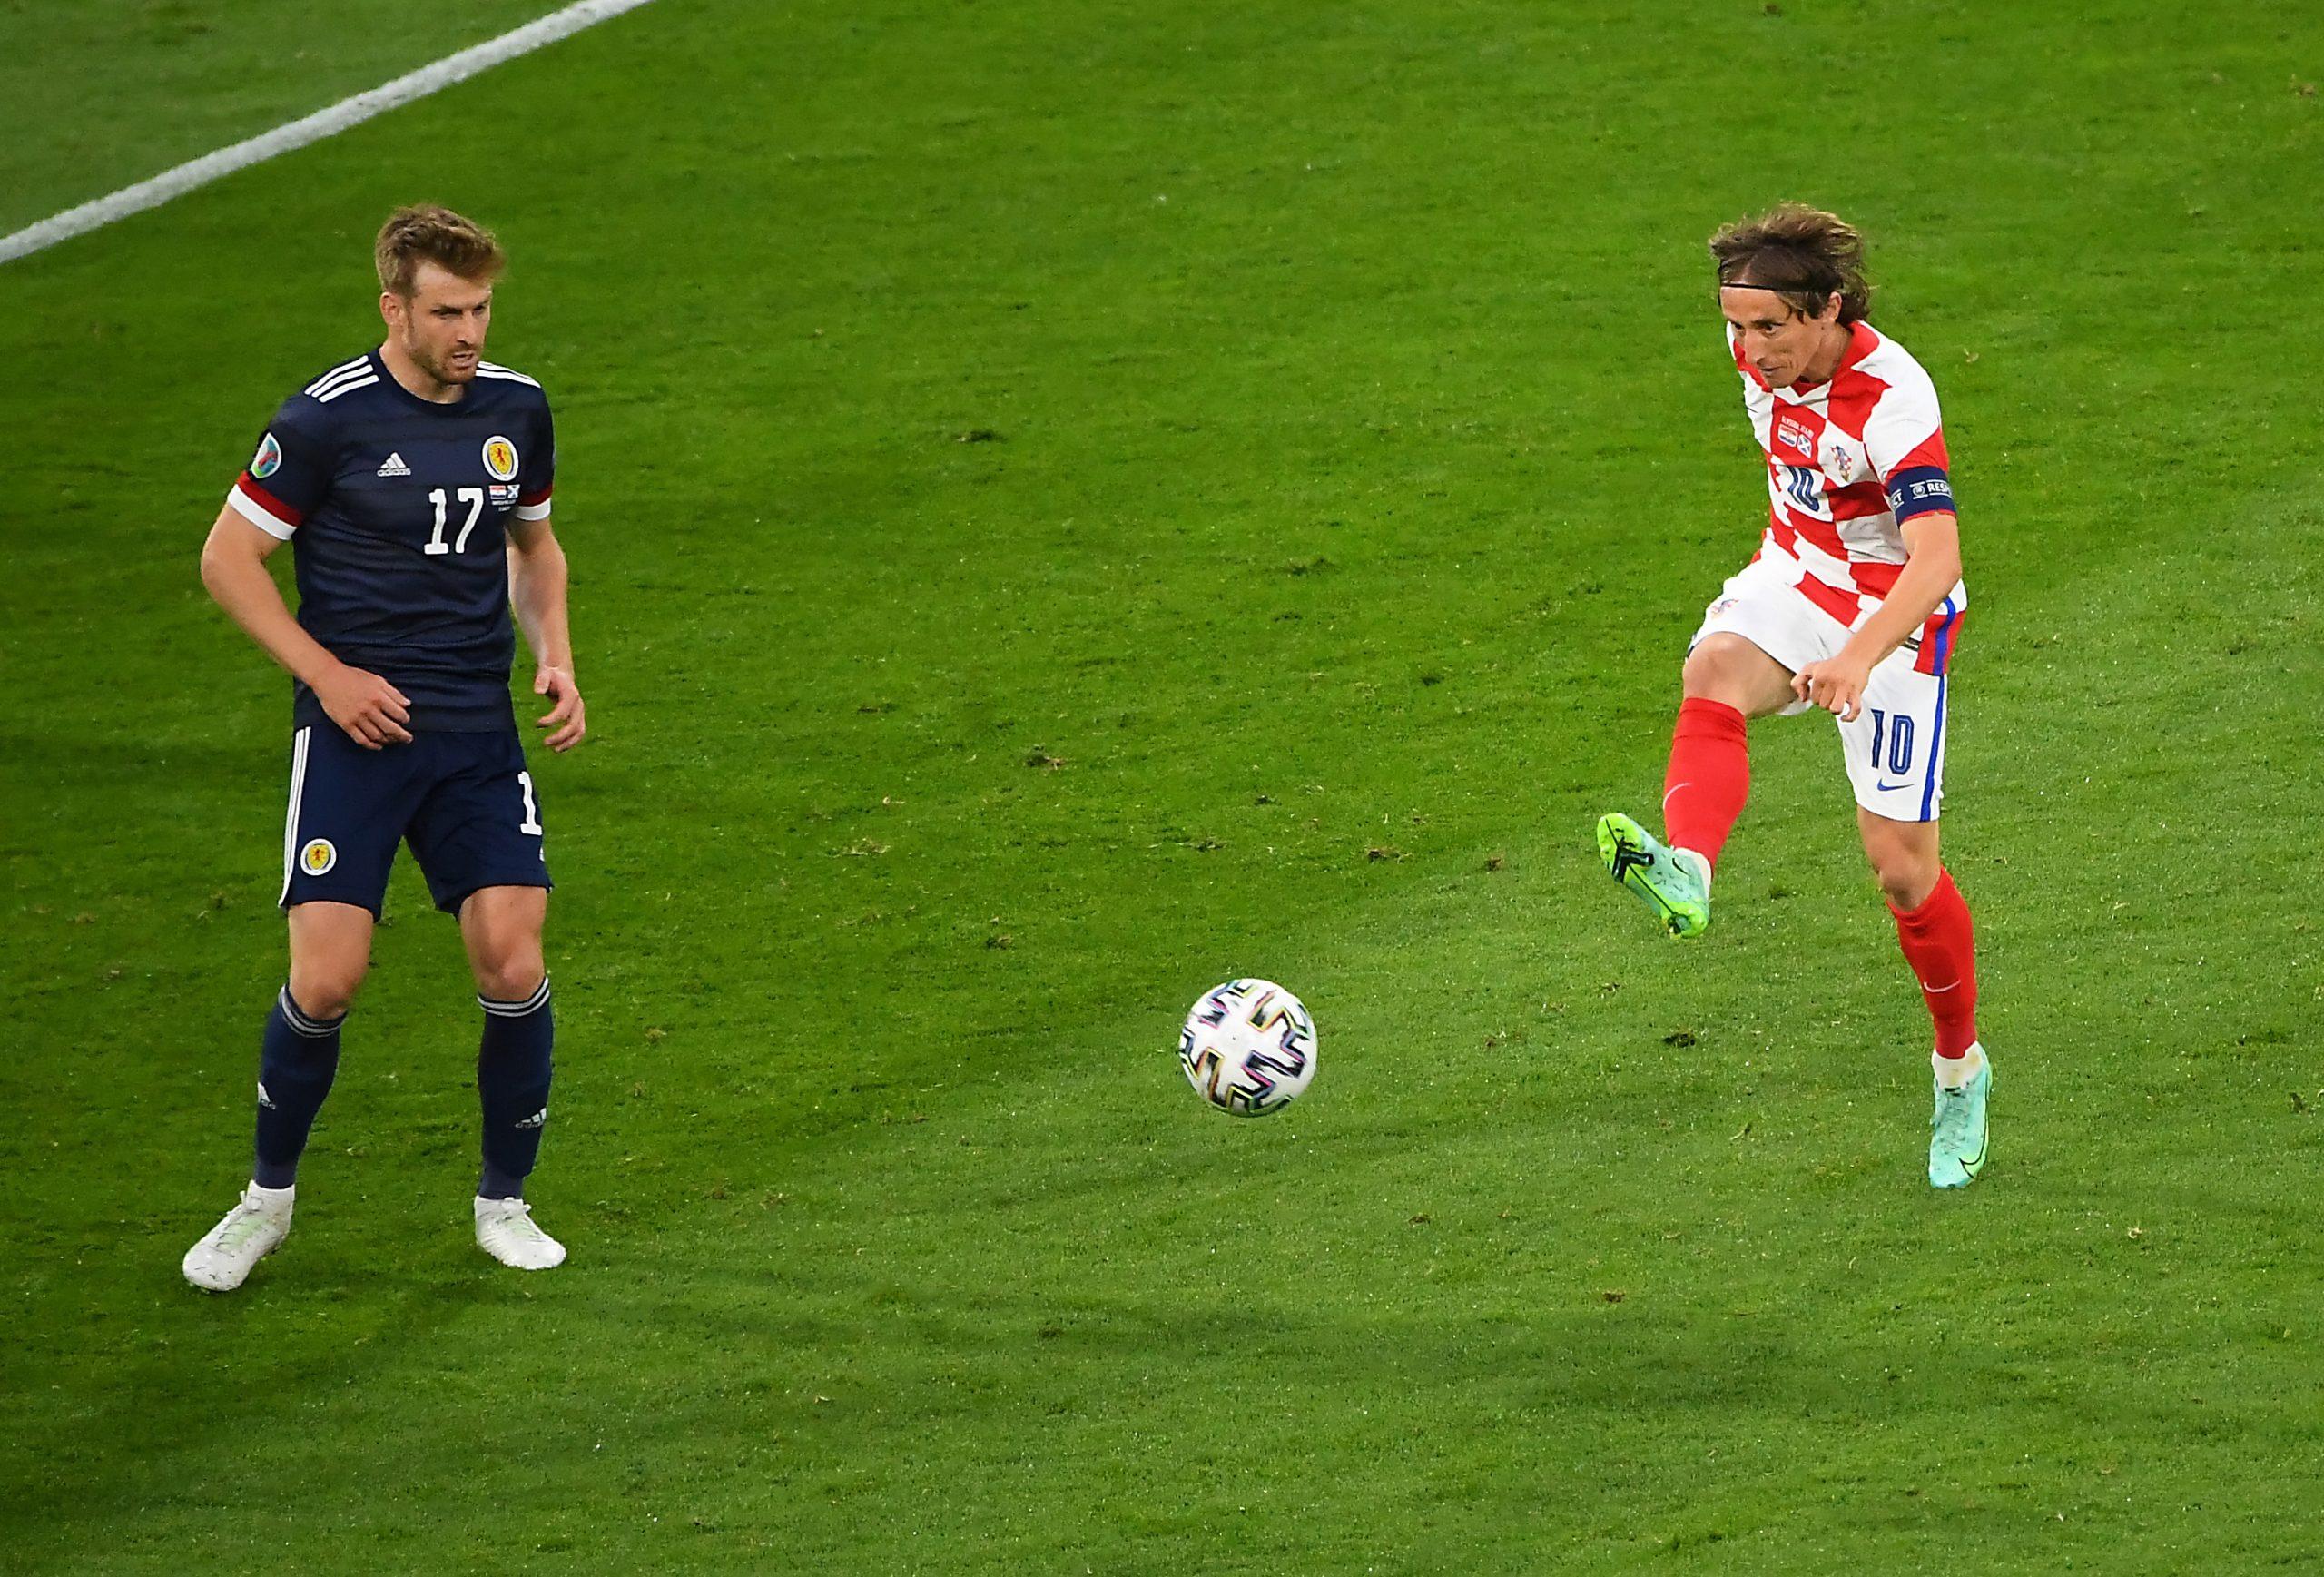 Luka Modrić, Fudbalska reprezentacija Hrvatske